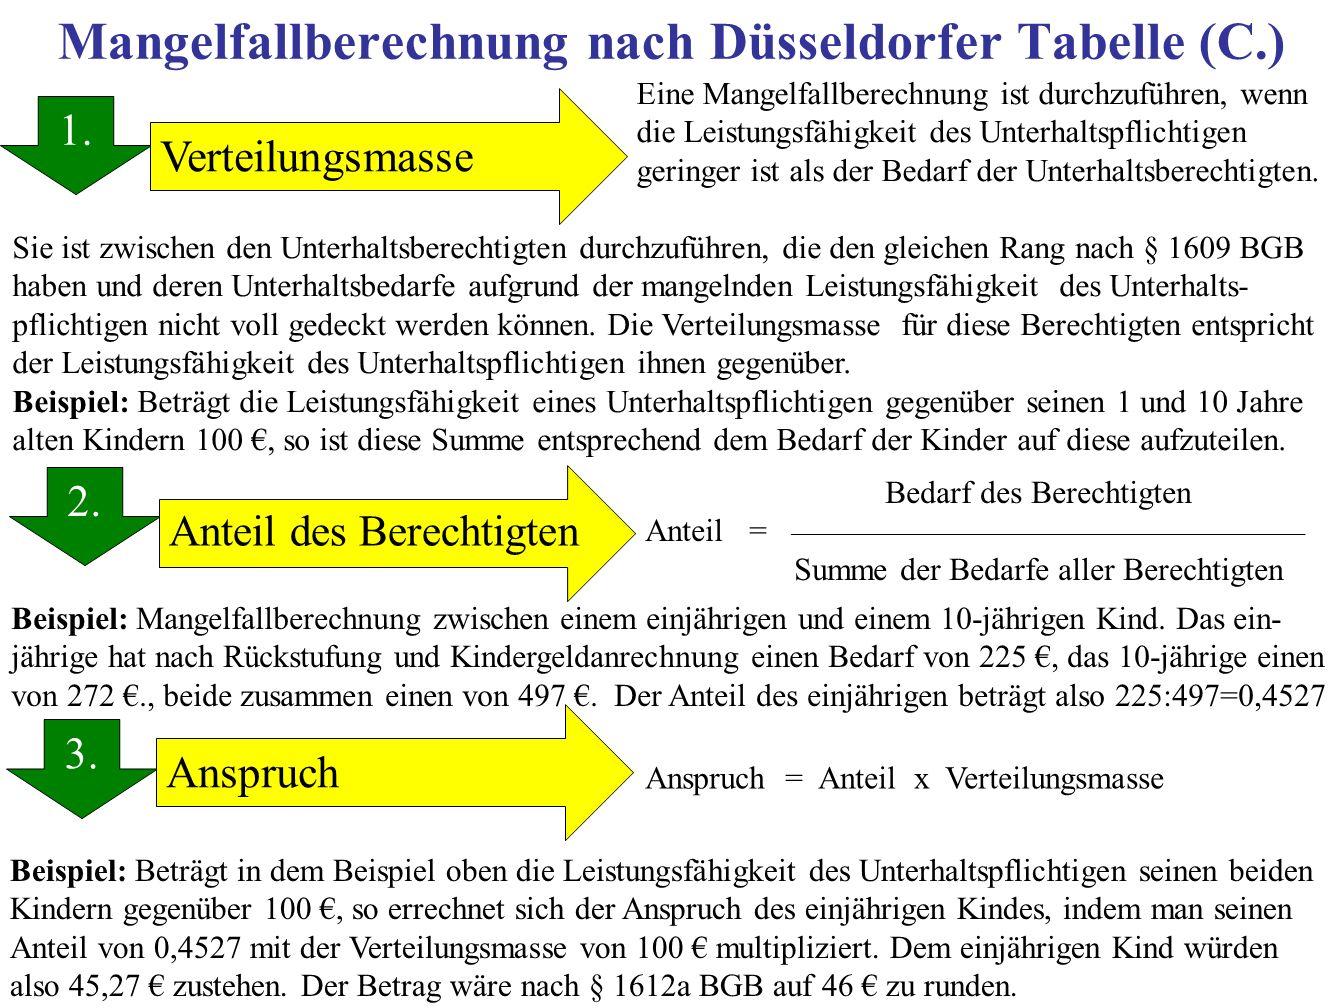 Mangelfallberechnung nach Düsseldorfer Tabelle (C.)